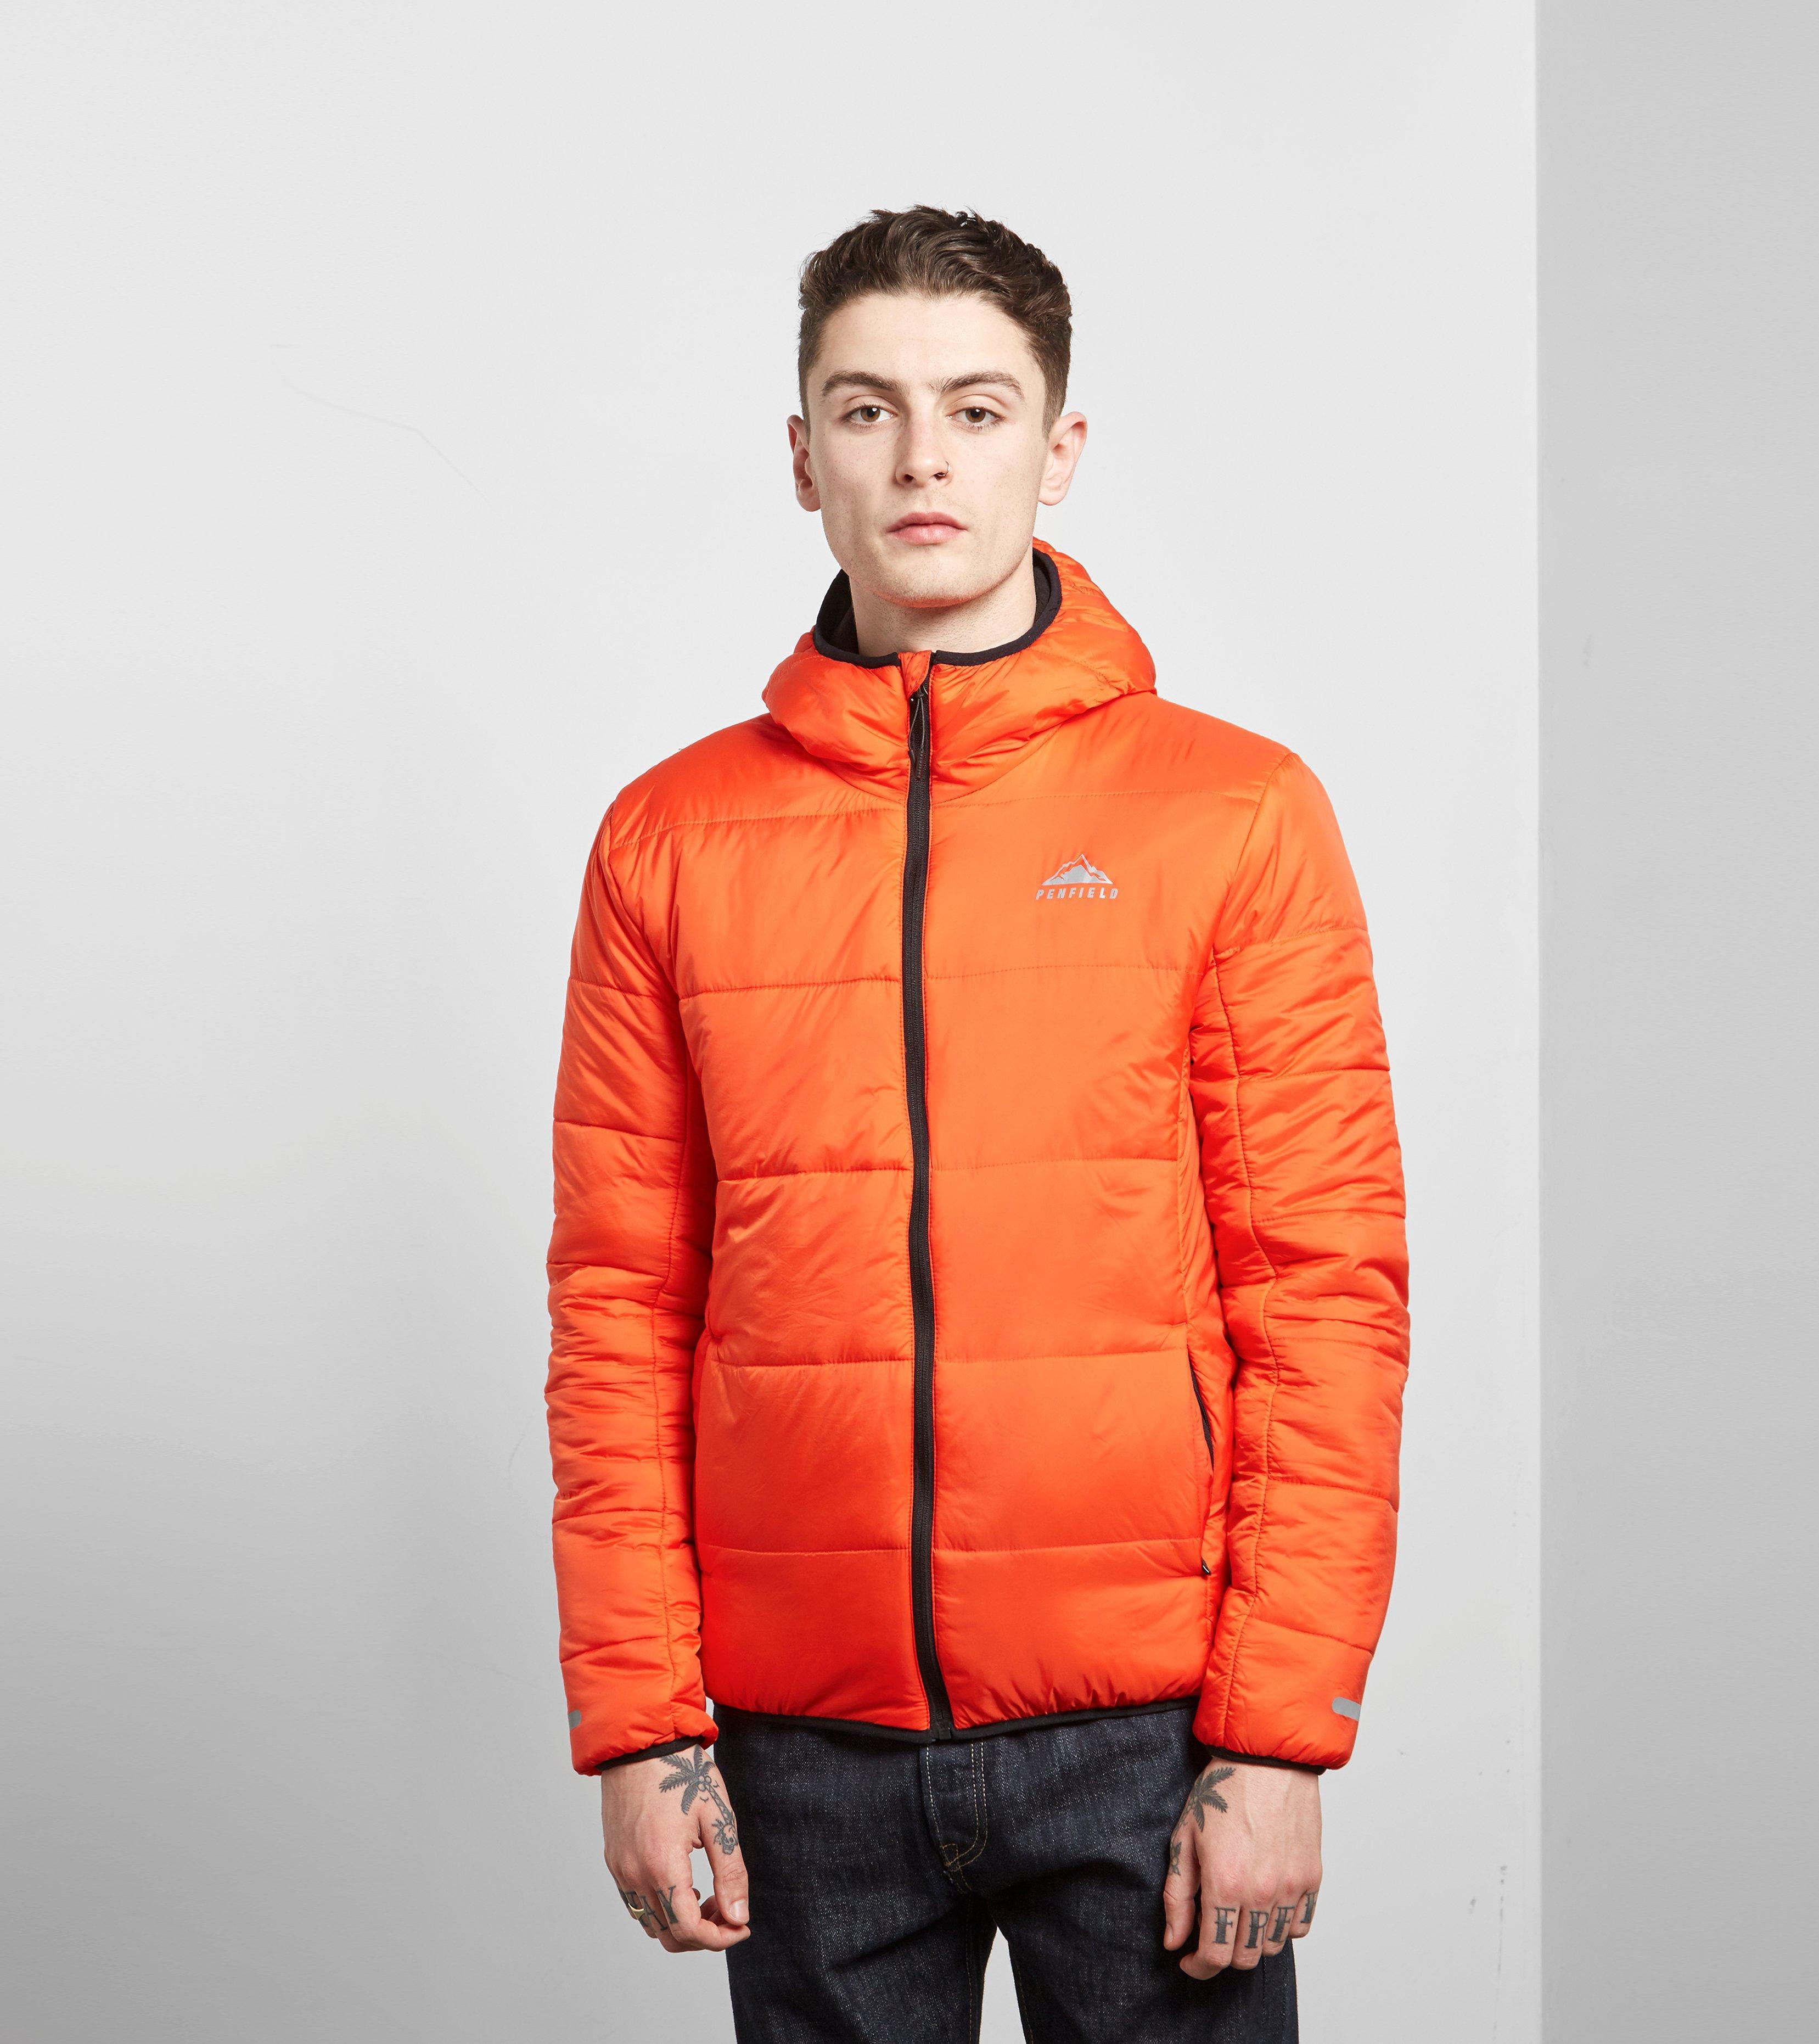 Penfield Schofield Jacket In Orange For Men